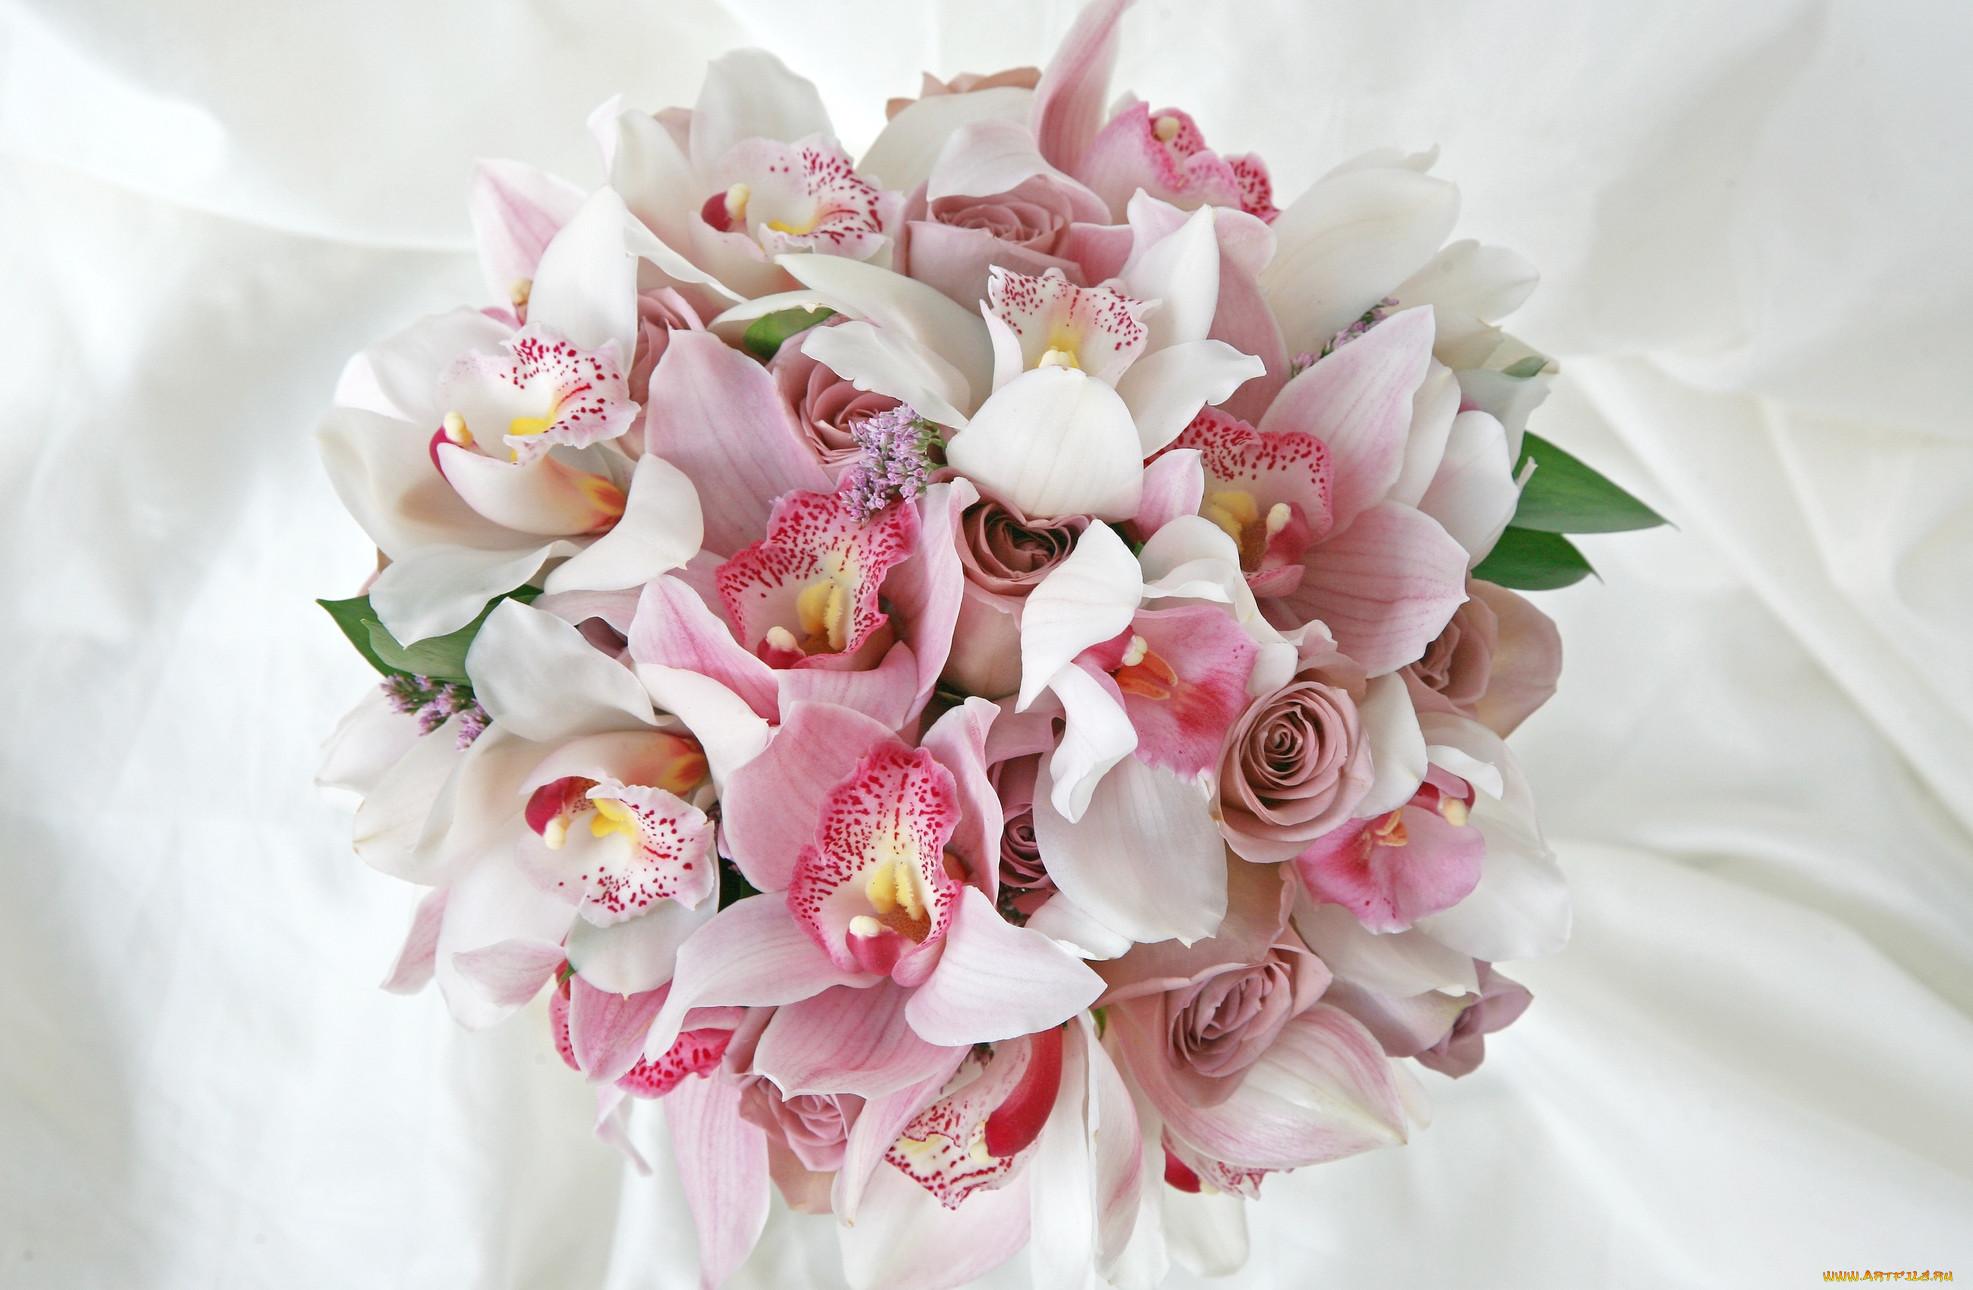 картинки букетов орхидеи низкая цена интернет-магазине